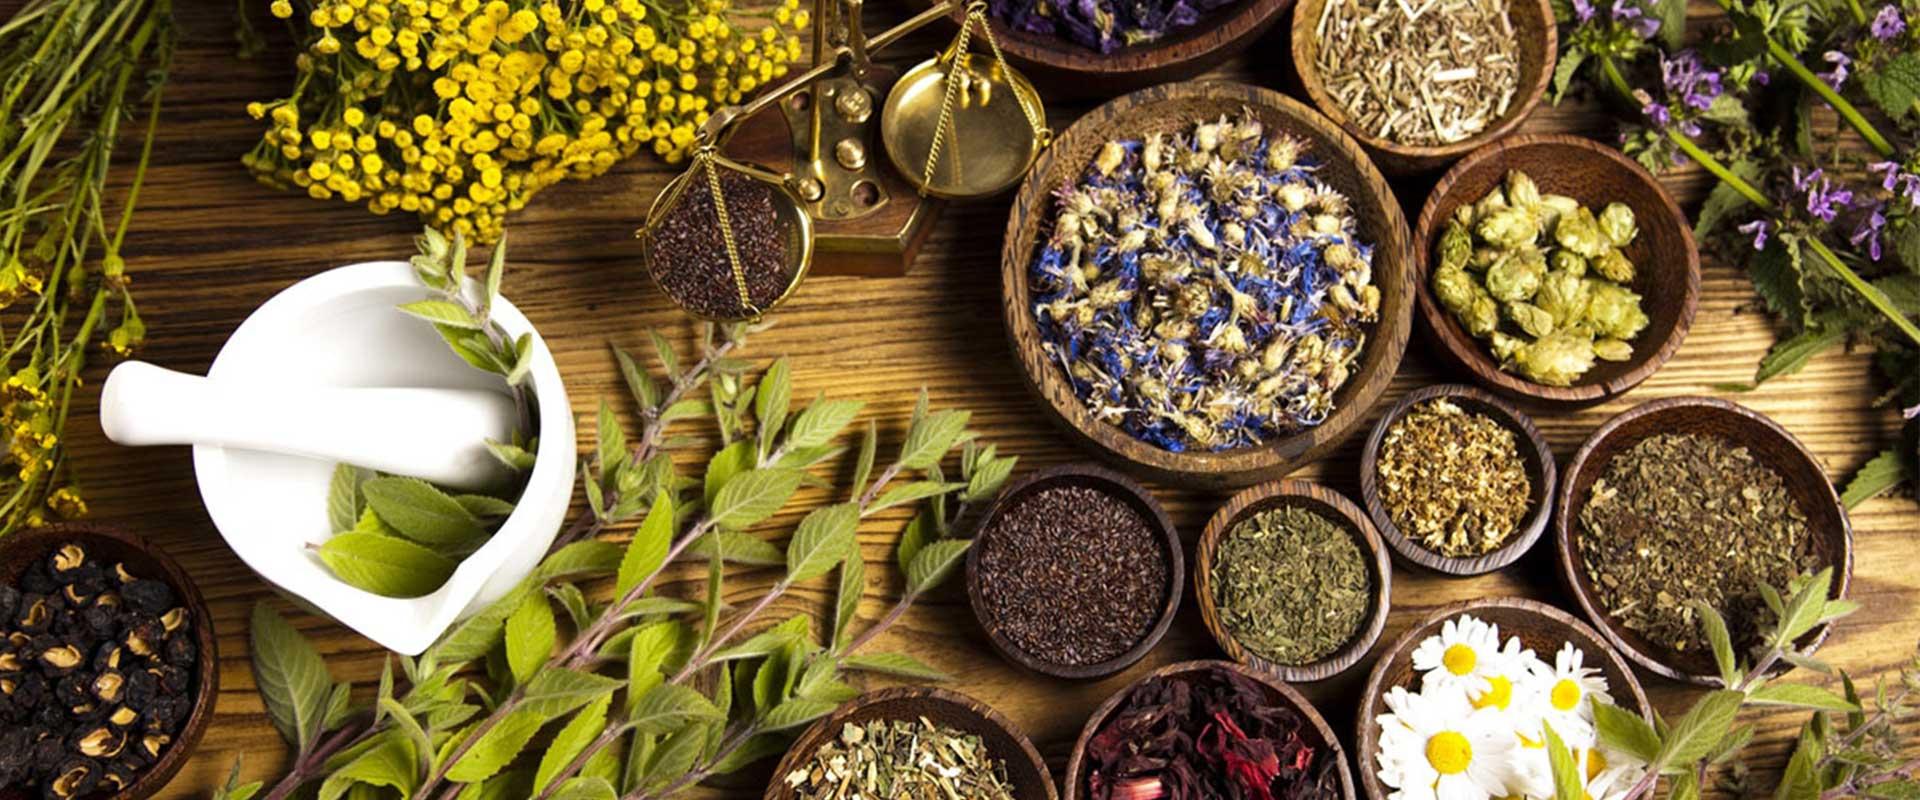 تصویر از روش های درمانی در طب سنتی ایران